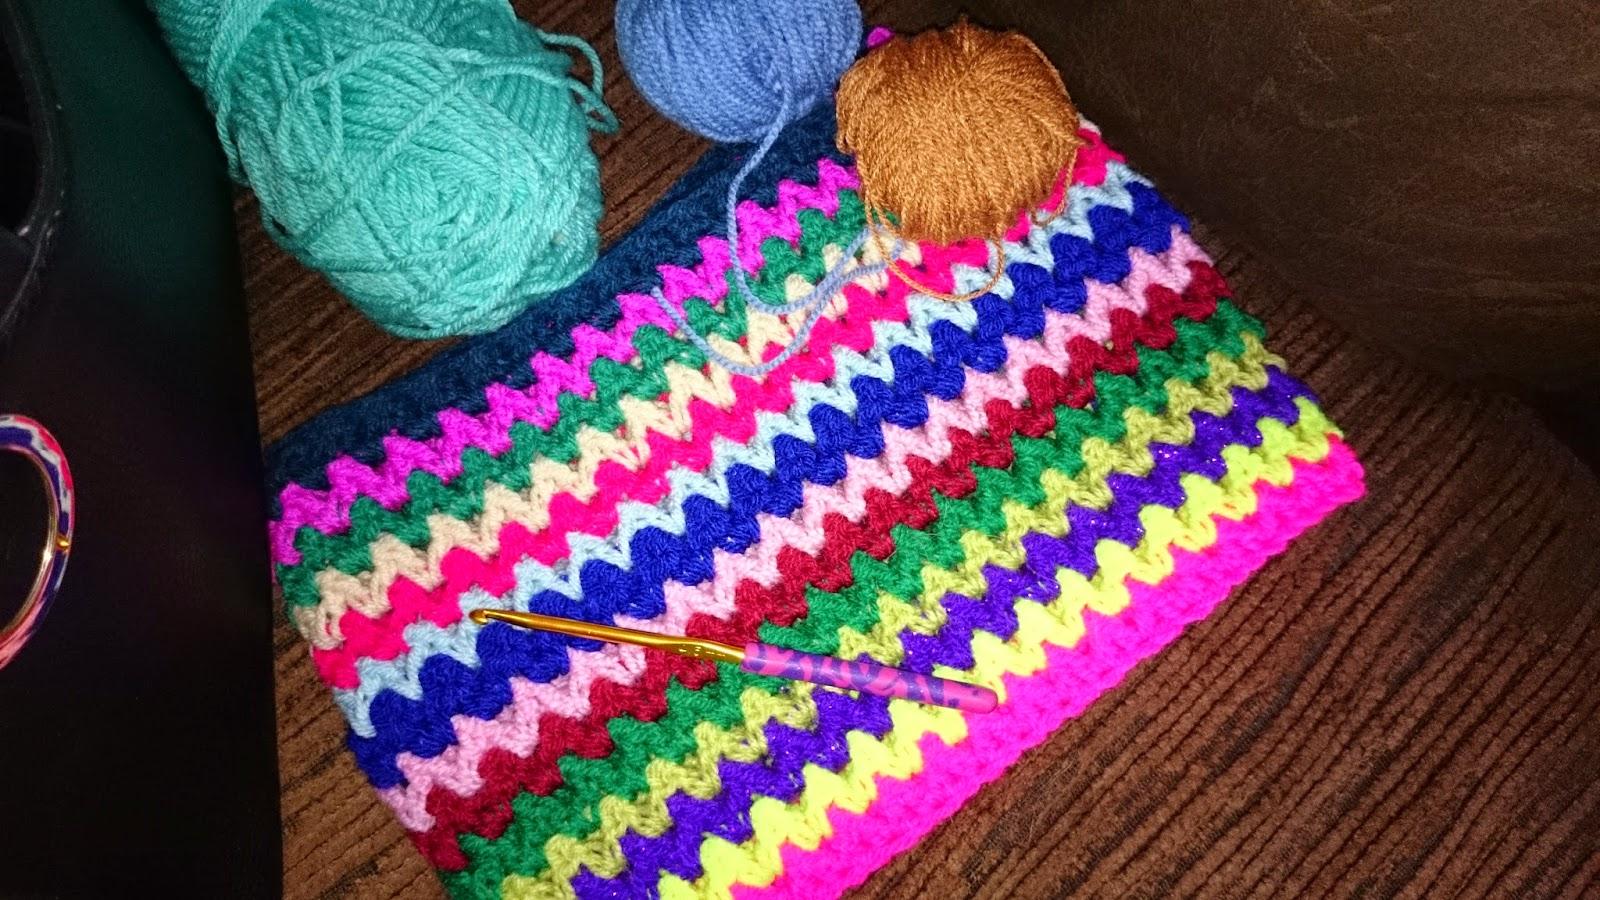 crochet v stitch vstitch vintage travel blanket WIP update v stitch vstitch crochet blanket update crocheting cat photo bomb